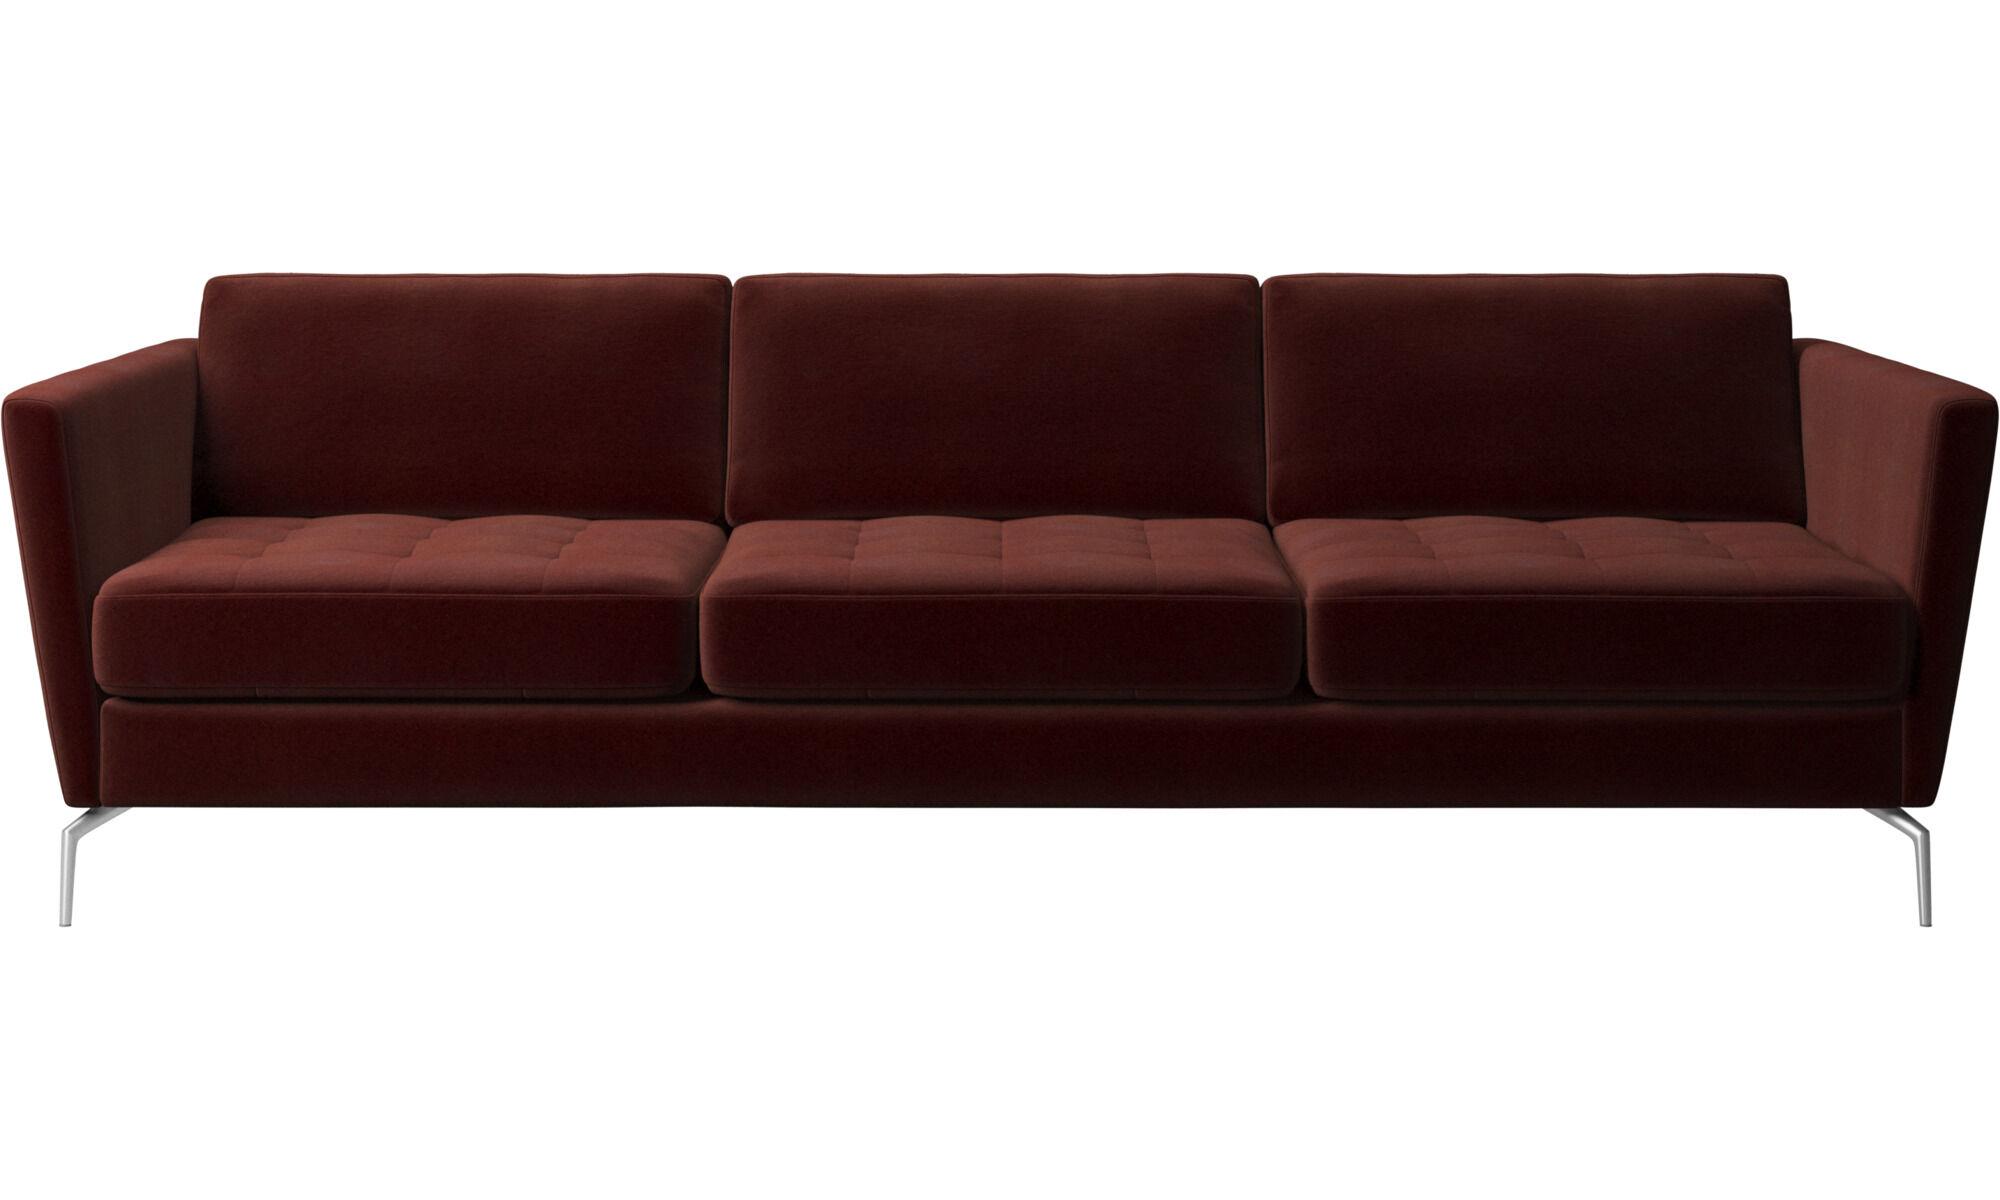 Osaka sofa + headrest